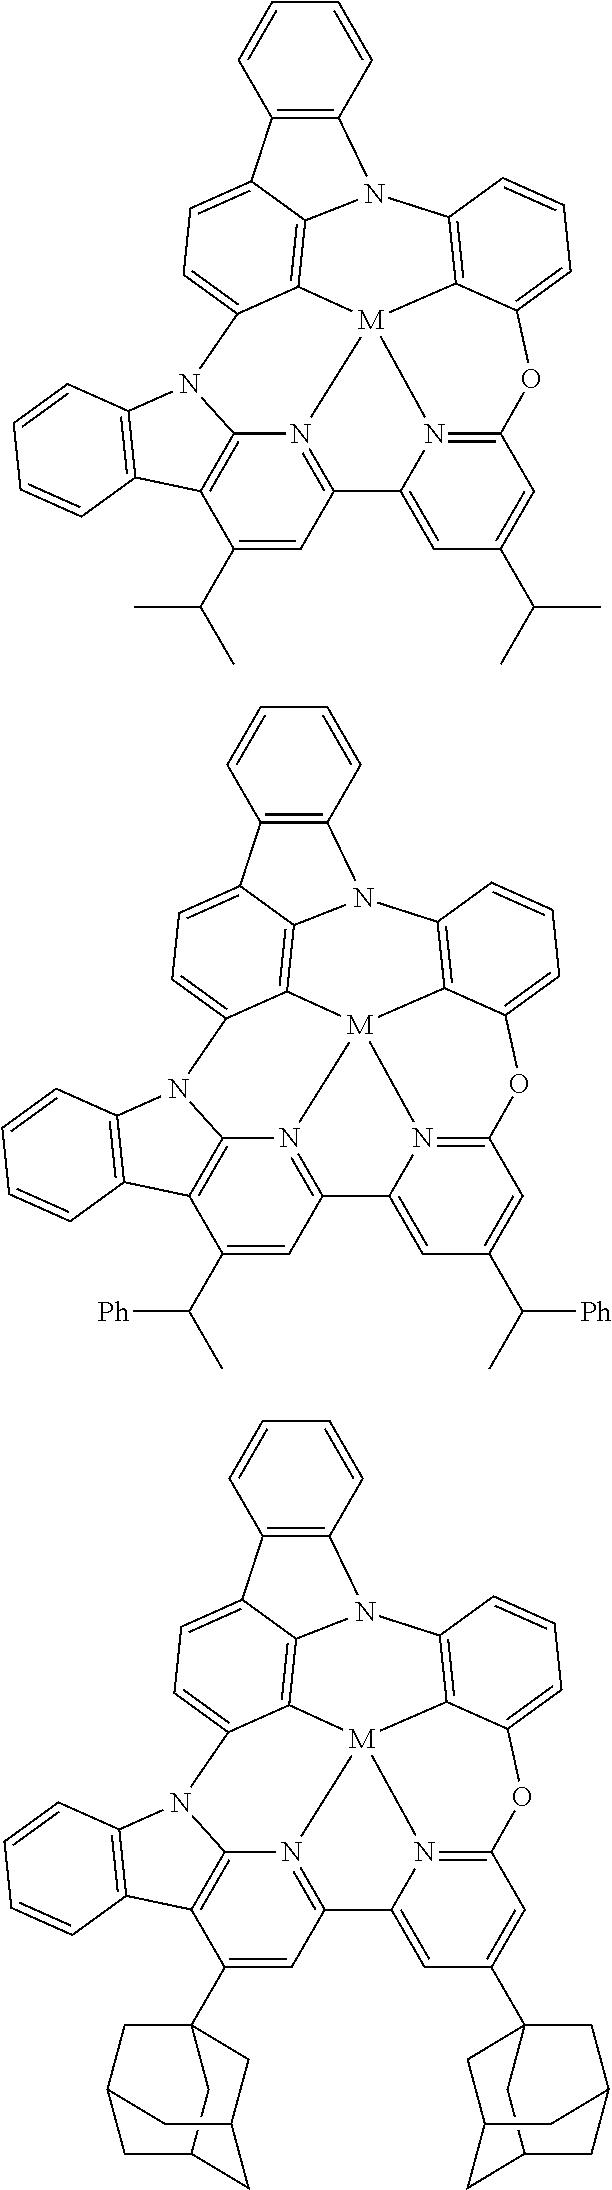 Figure US10158091-20181218-C00244